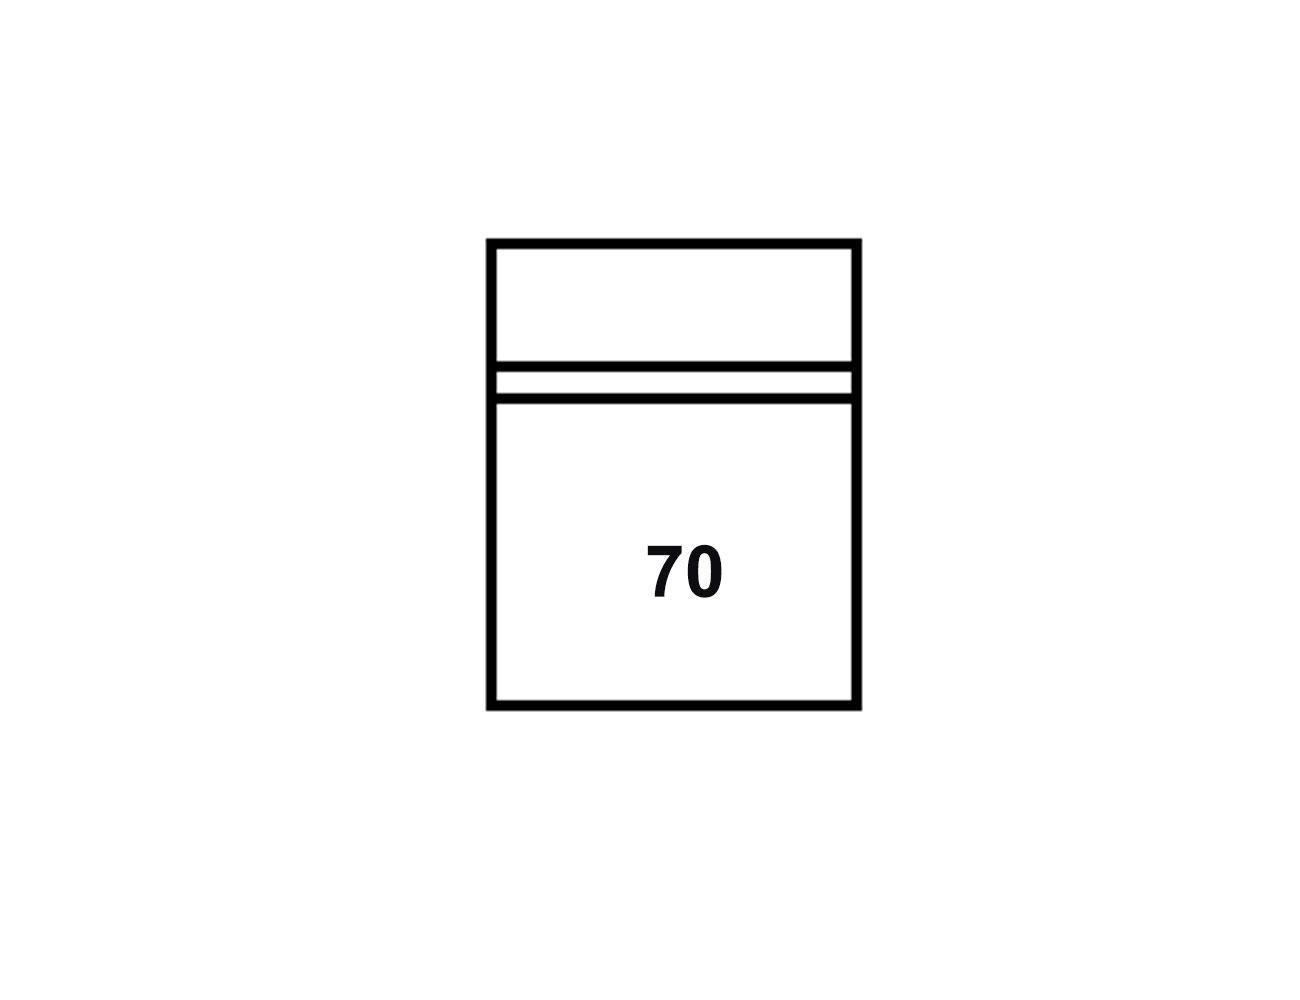 Modulo 1p 707